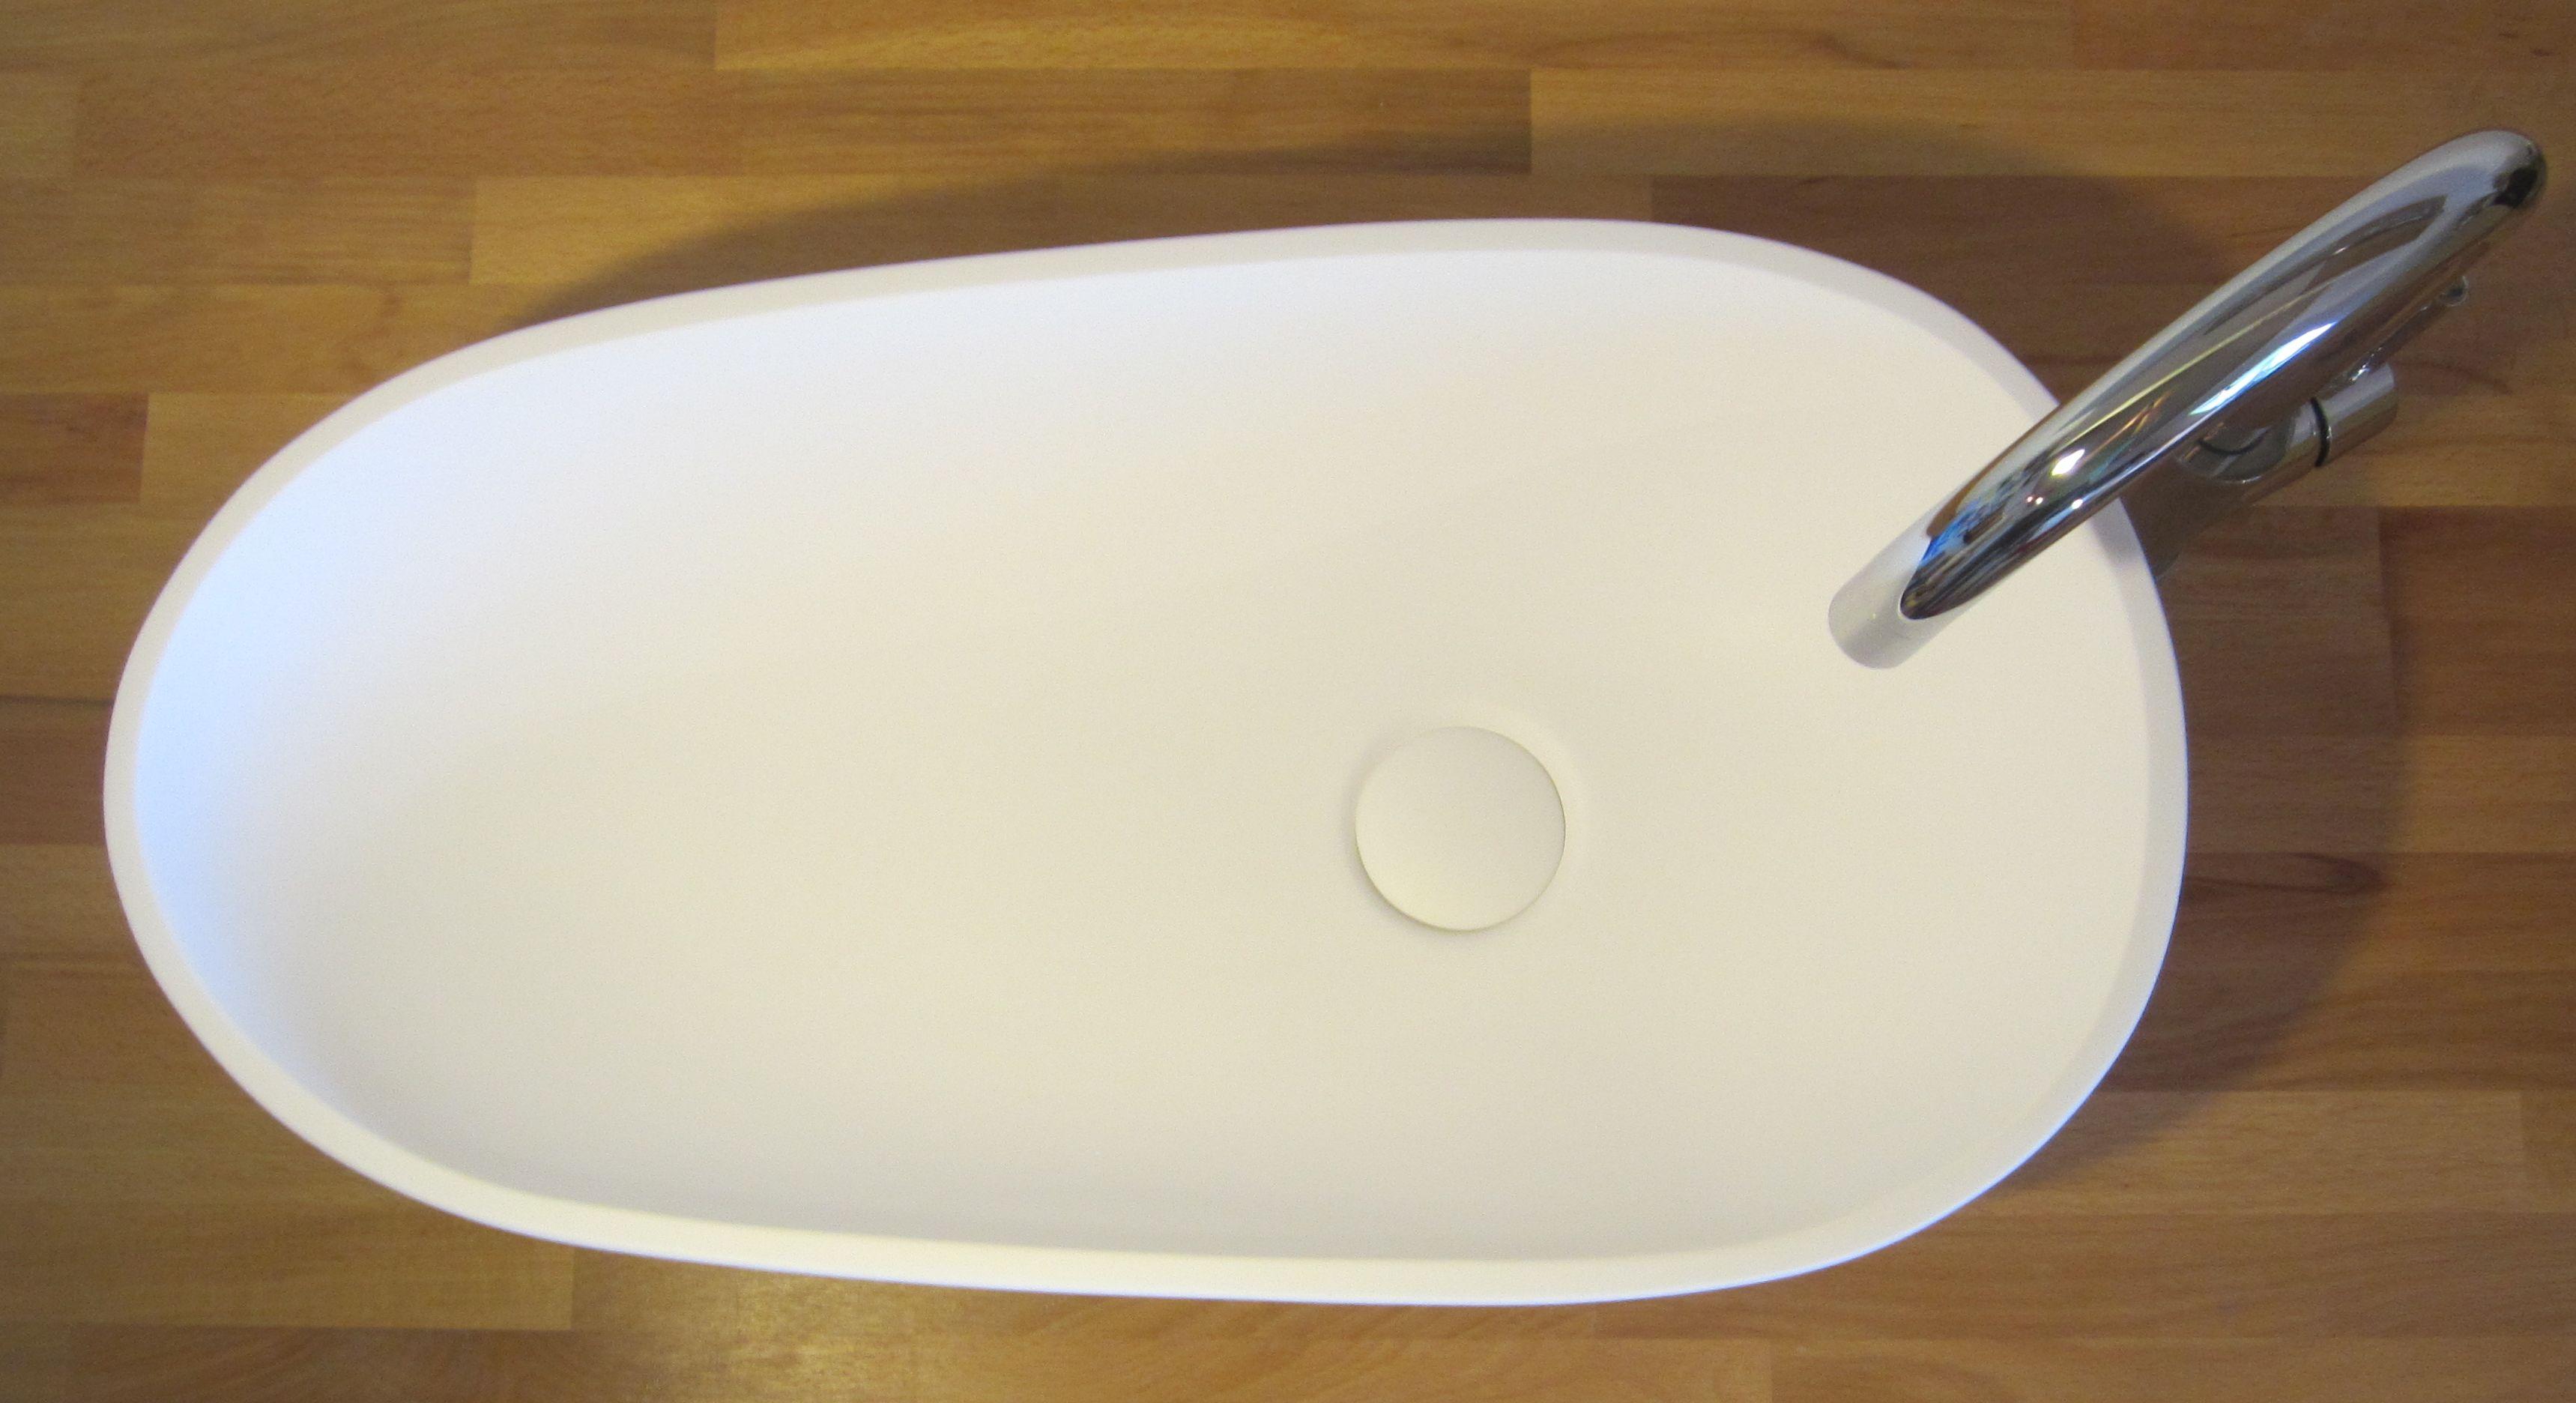 Aufsatzwaschbecken gäste wc oval  Aufsatzwaschbecken Gäste Wc Oval | gispatcher.com